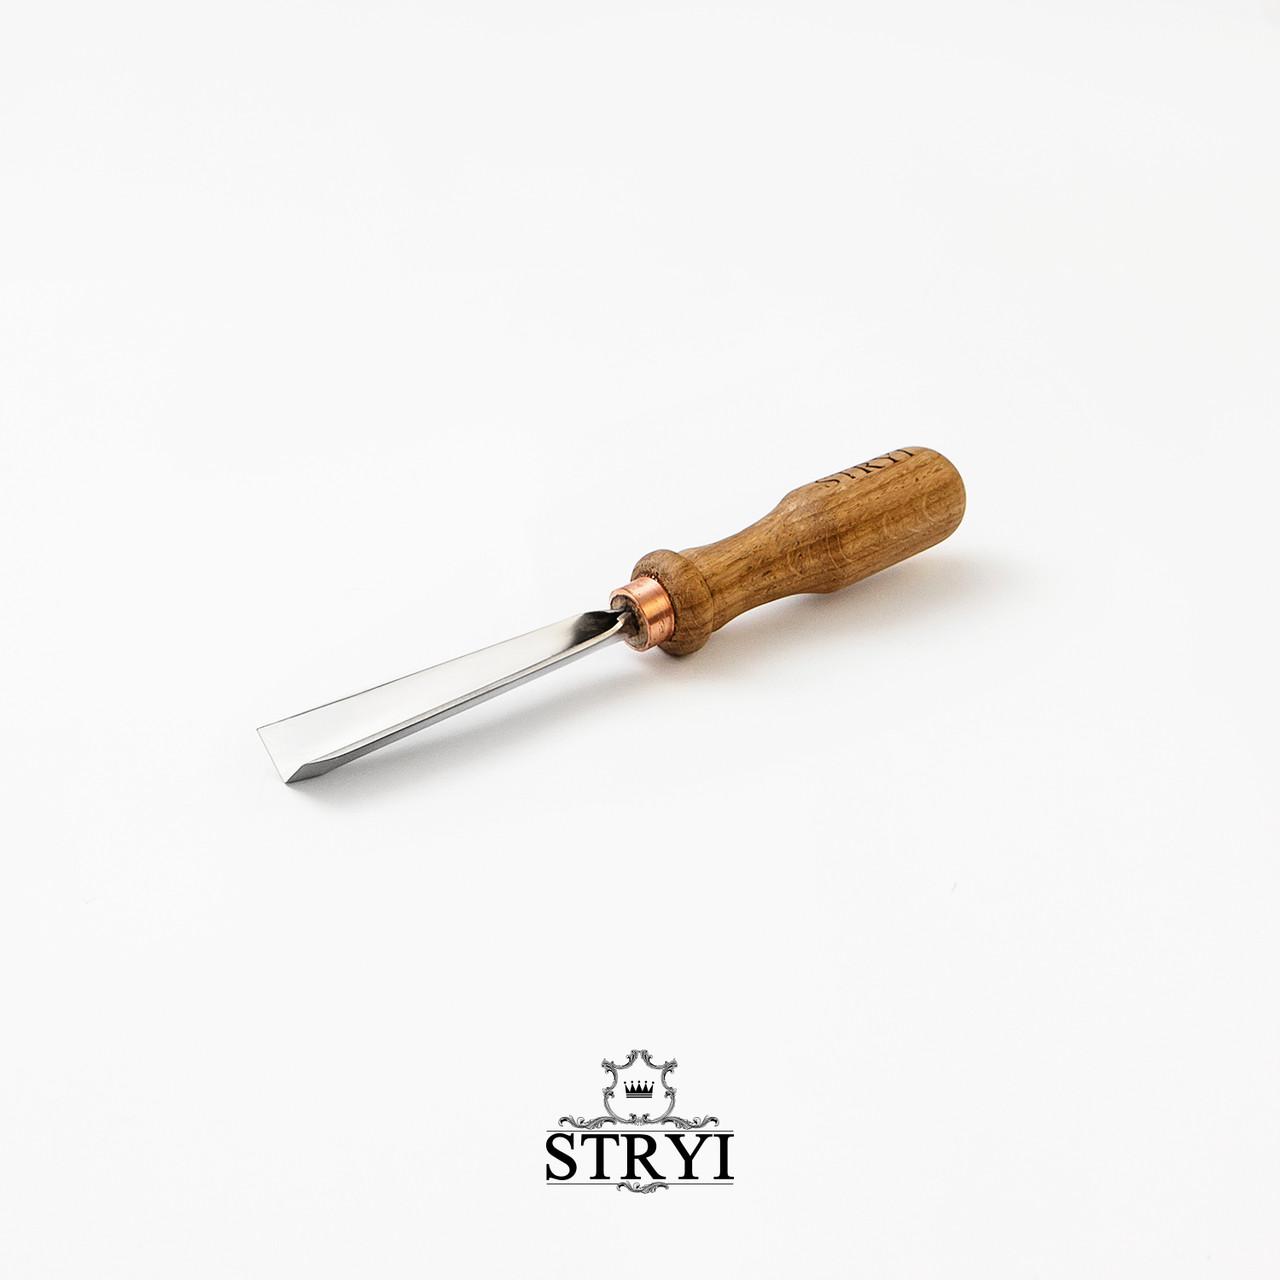 Угловая стамеска 90 градусов 15мм для резьбы по дереву от производителя STRYI